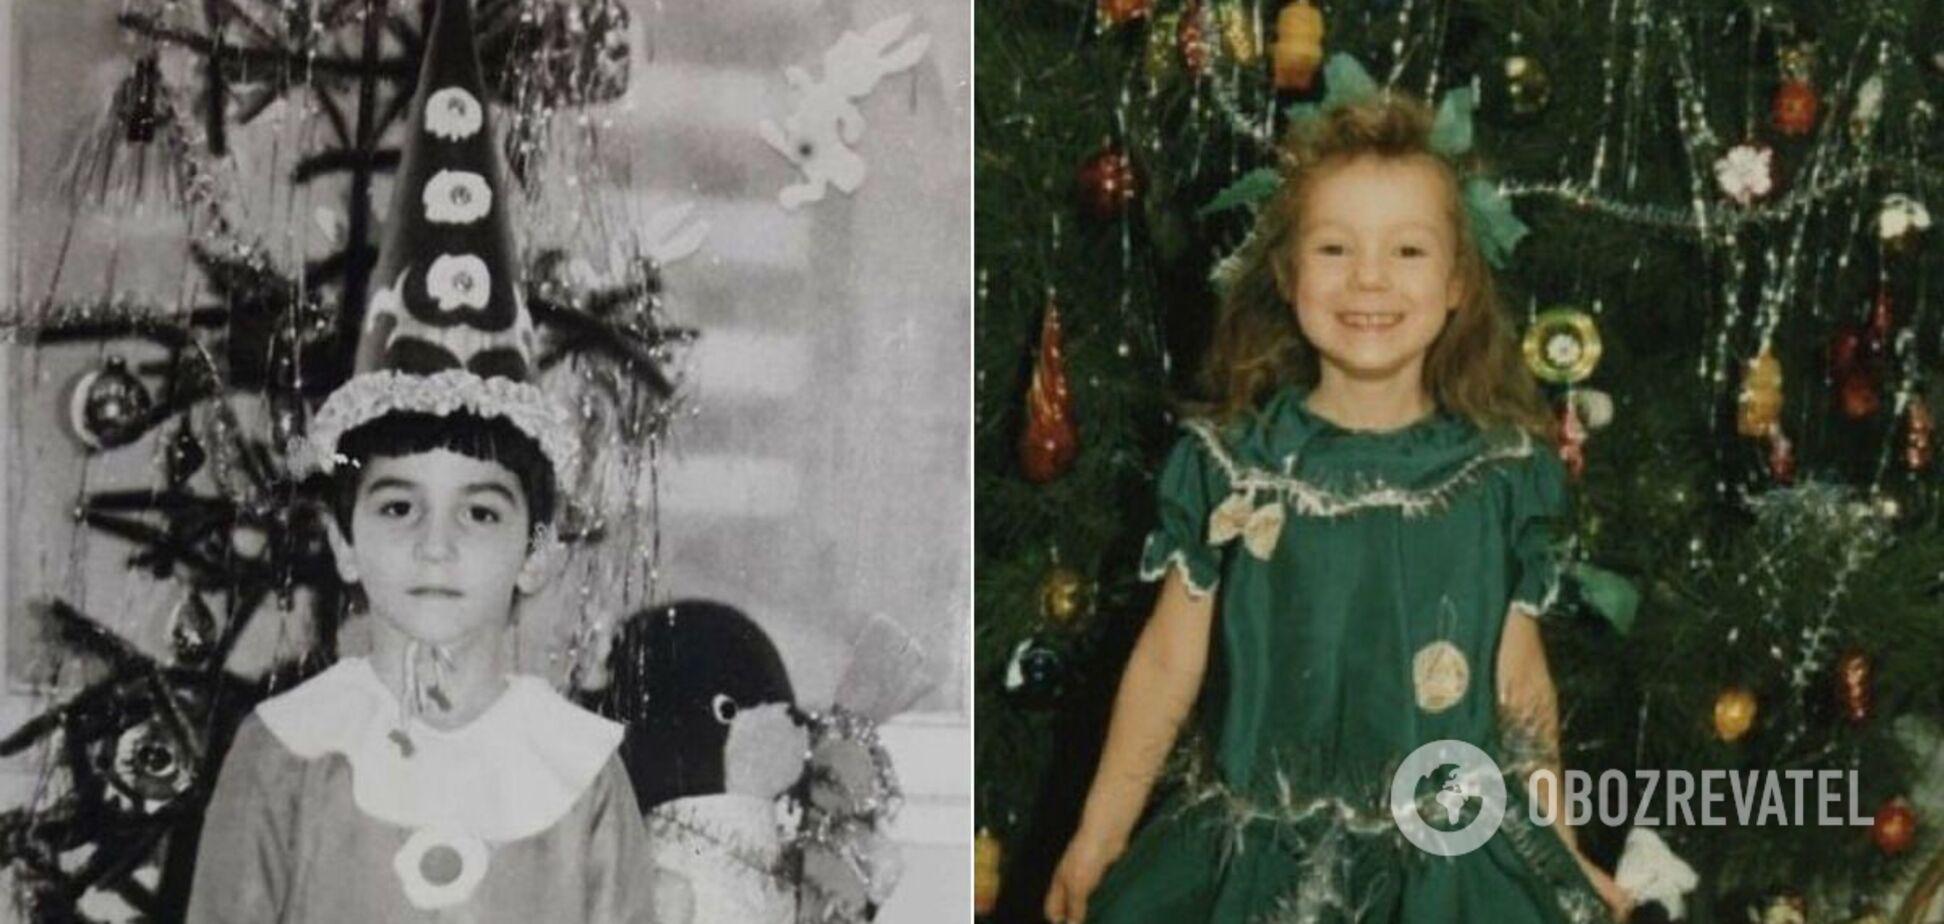 Как выглядели украинские звезды на детских праздниках: в сети показали архивные снимки